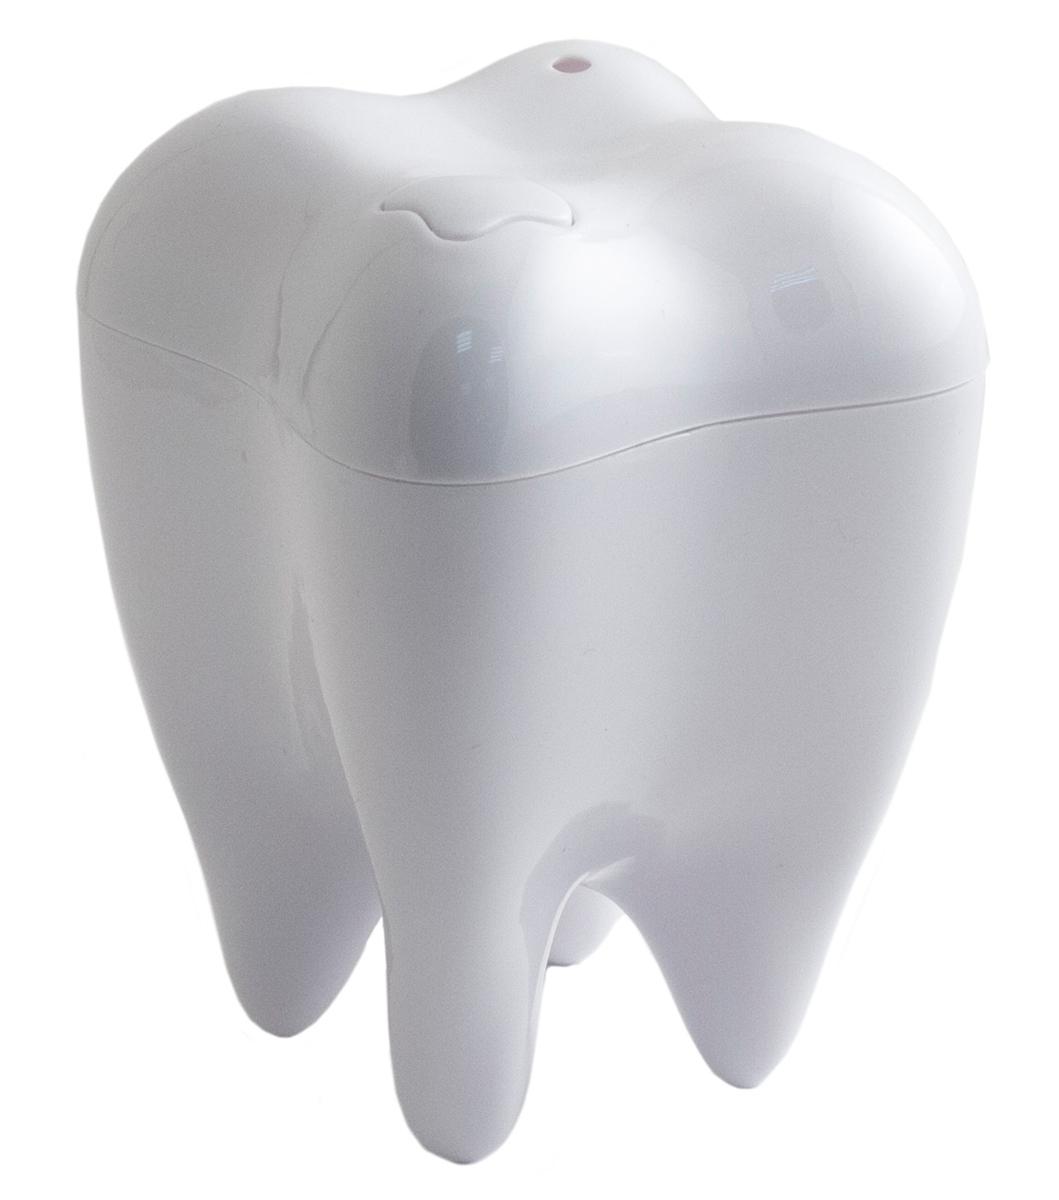 Держатель зубочисток Эврика Зуб белый, цвет: белый держатель для зубочисток spear yq1365 650